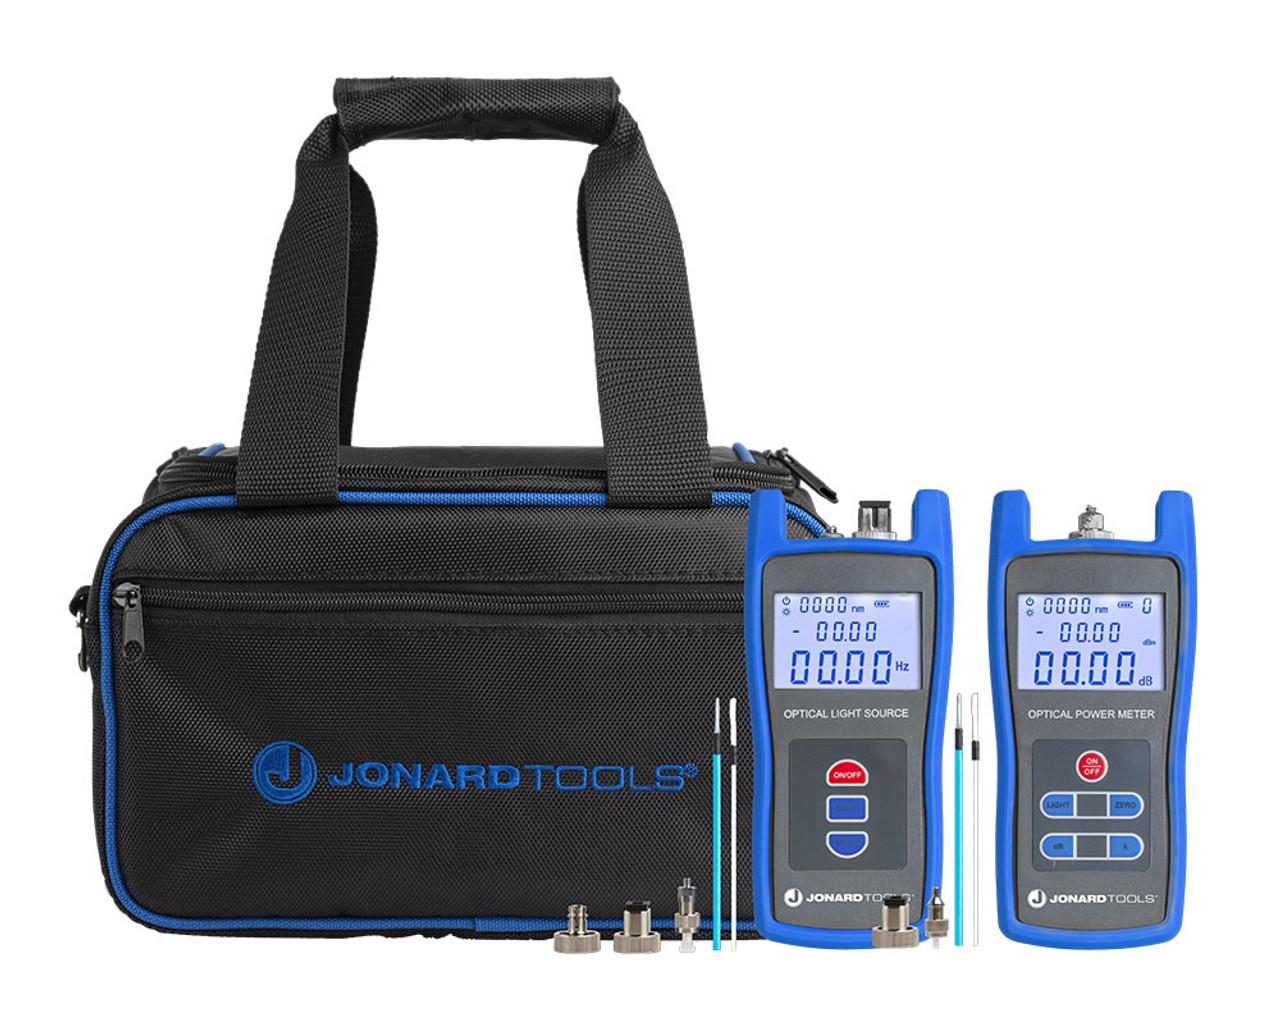 Jonard Fiber Power Meter & Singlemode Optical Light Source Test Kit - FPL-5050